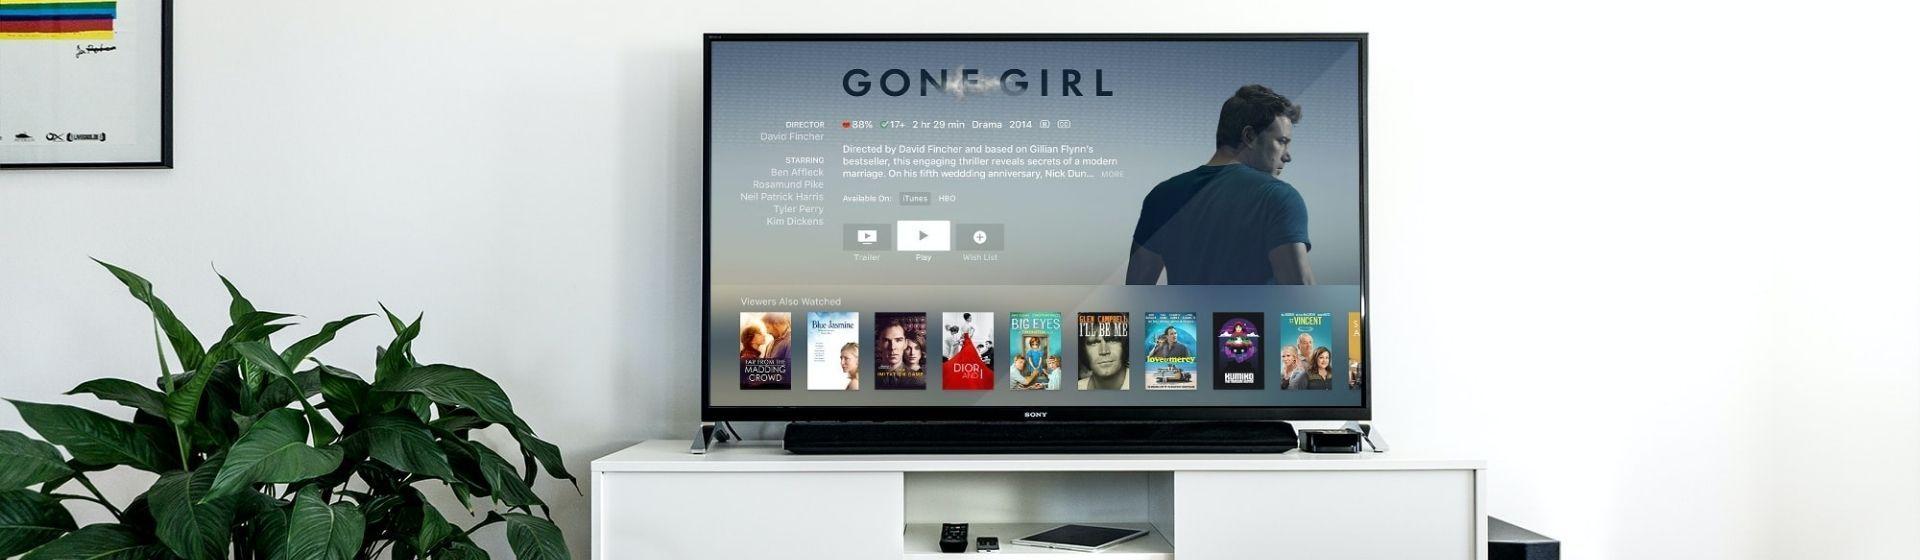 Melhor smart TV 43 polegadas 2020: modelo QLED lidera a lista!